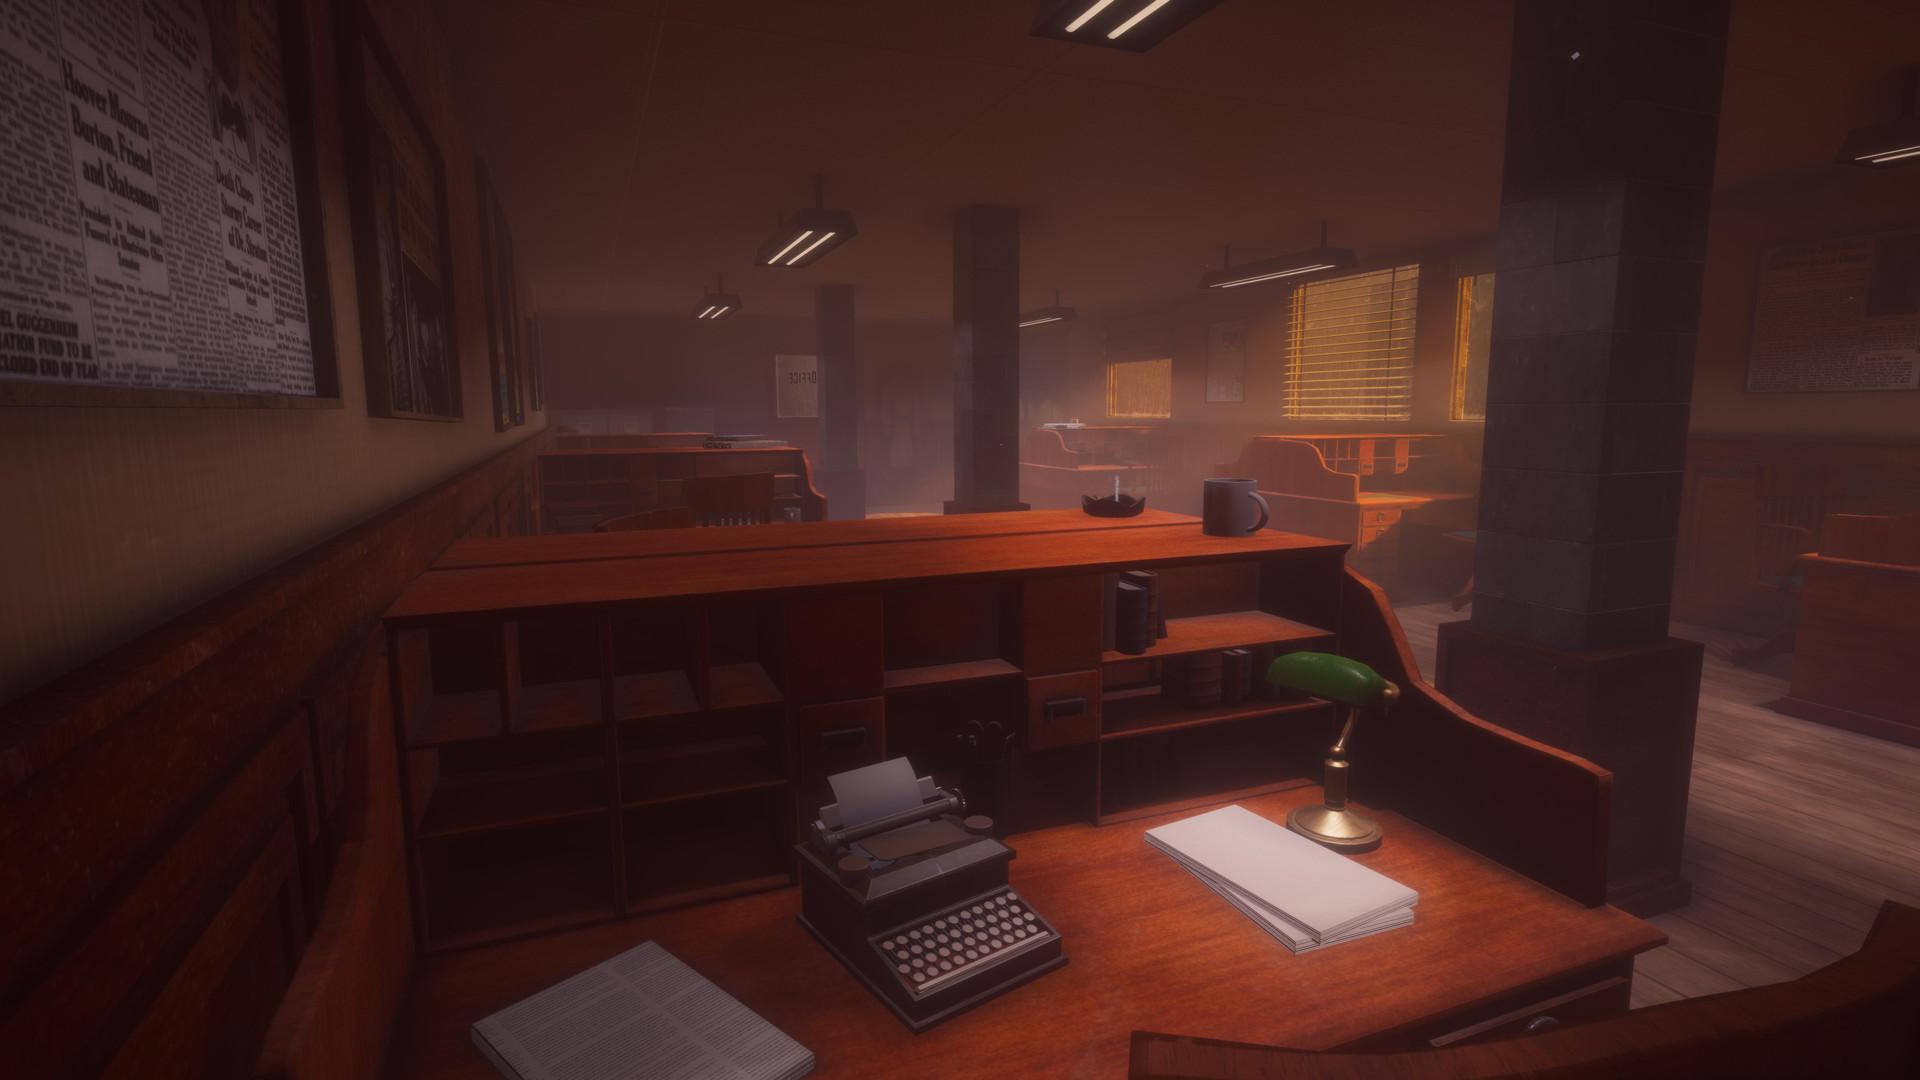 Office_07.jpg